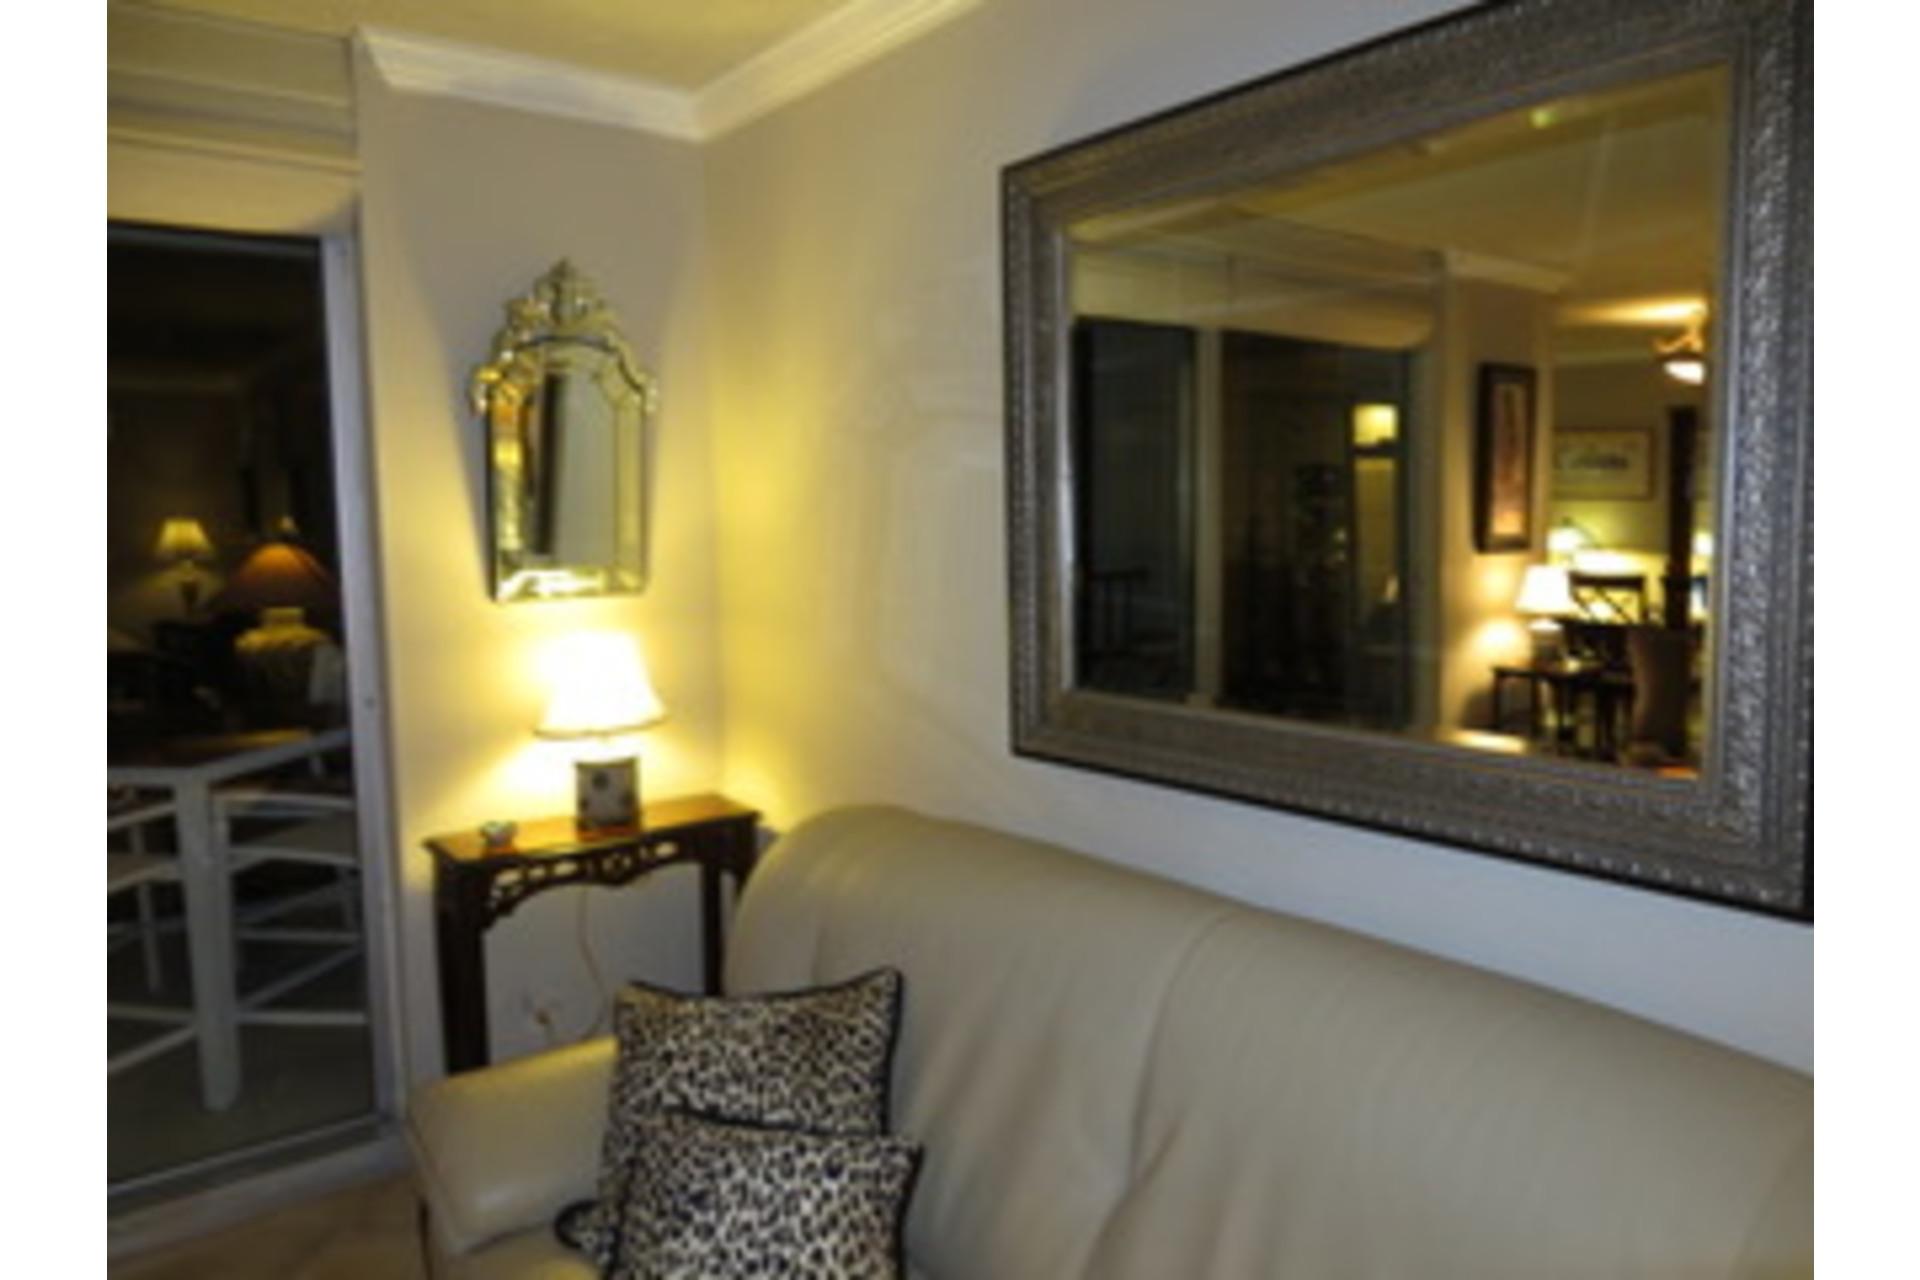 image 12 - Condo Short rental Hallandale Beach - 6 rooms